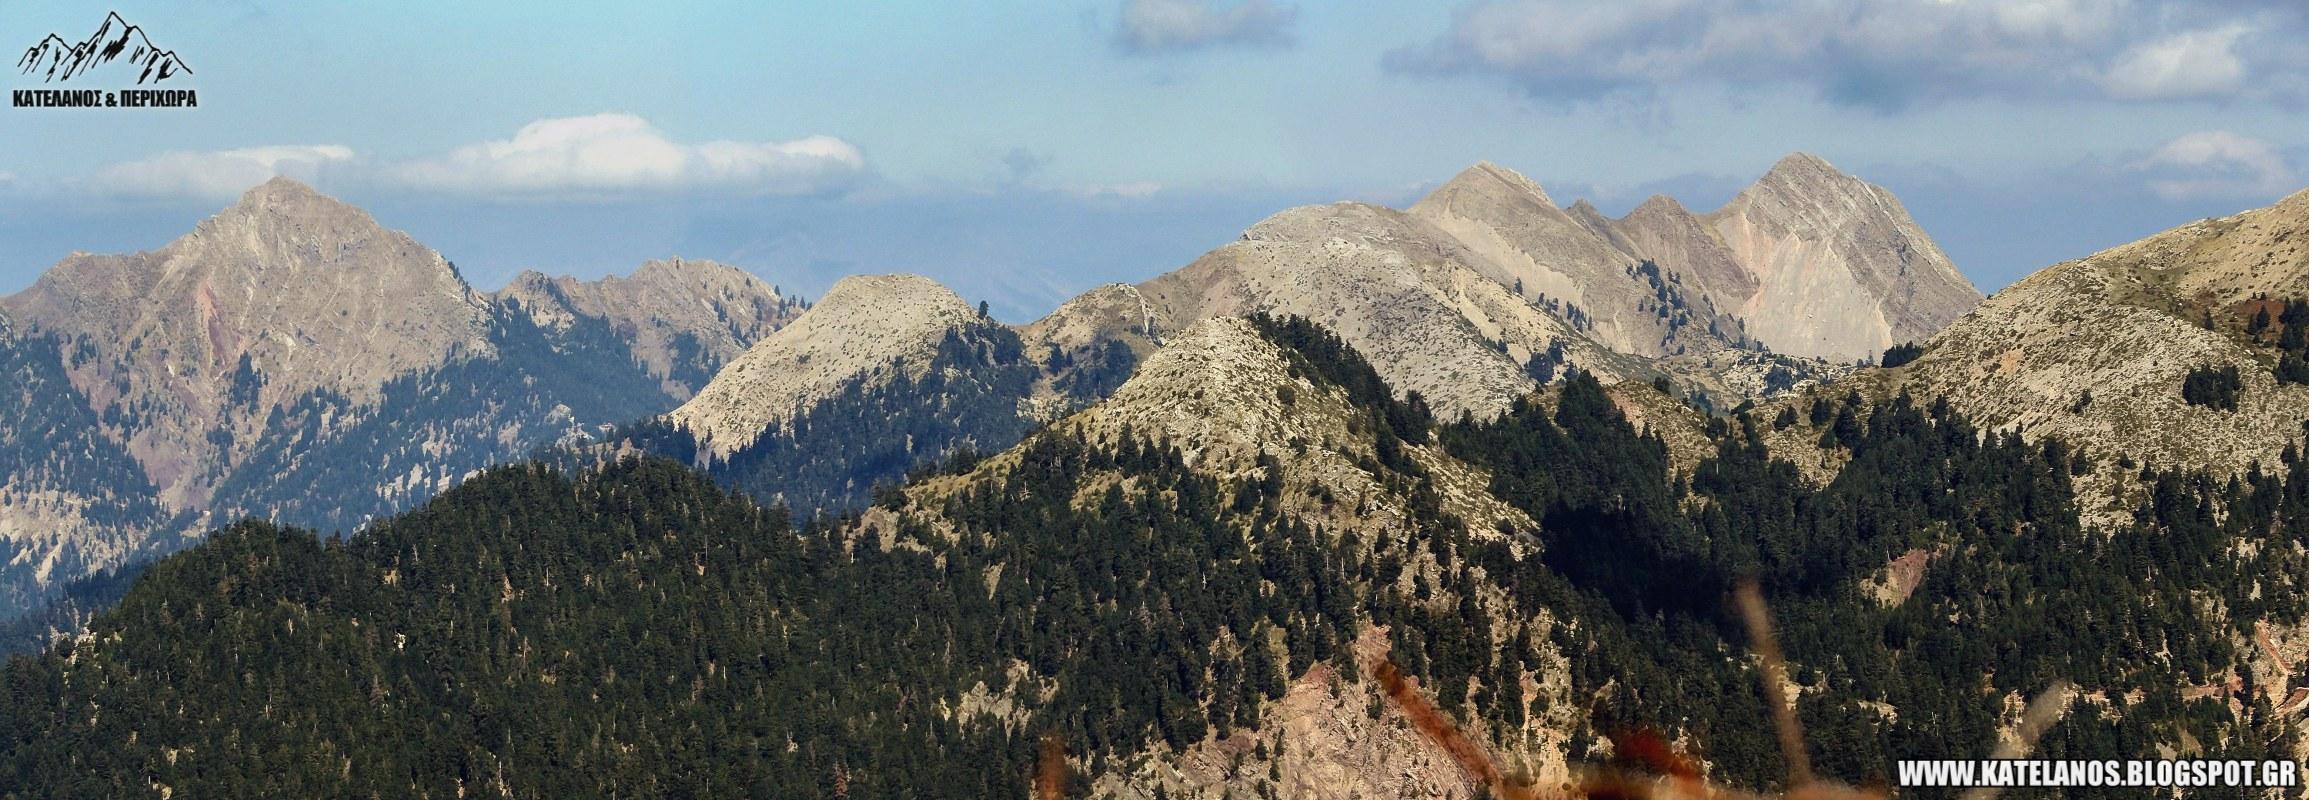 βουνοκορφές παναιτωλικού όρους βοτνά αιτωλοακαρνανίας